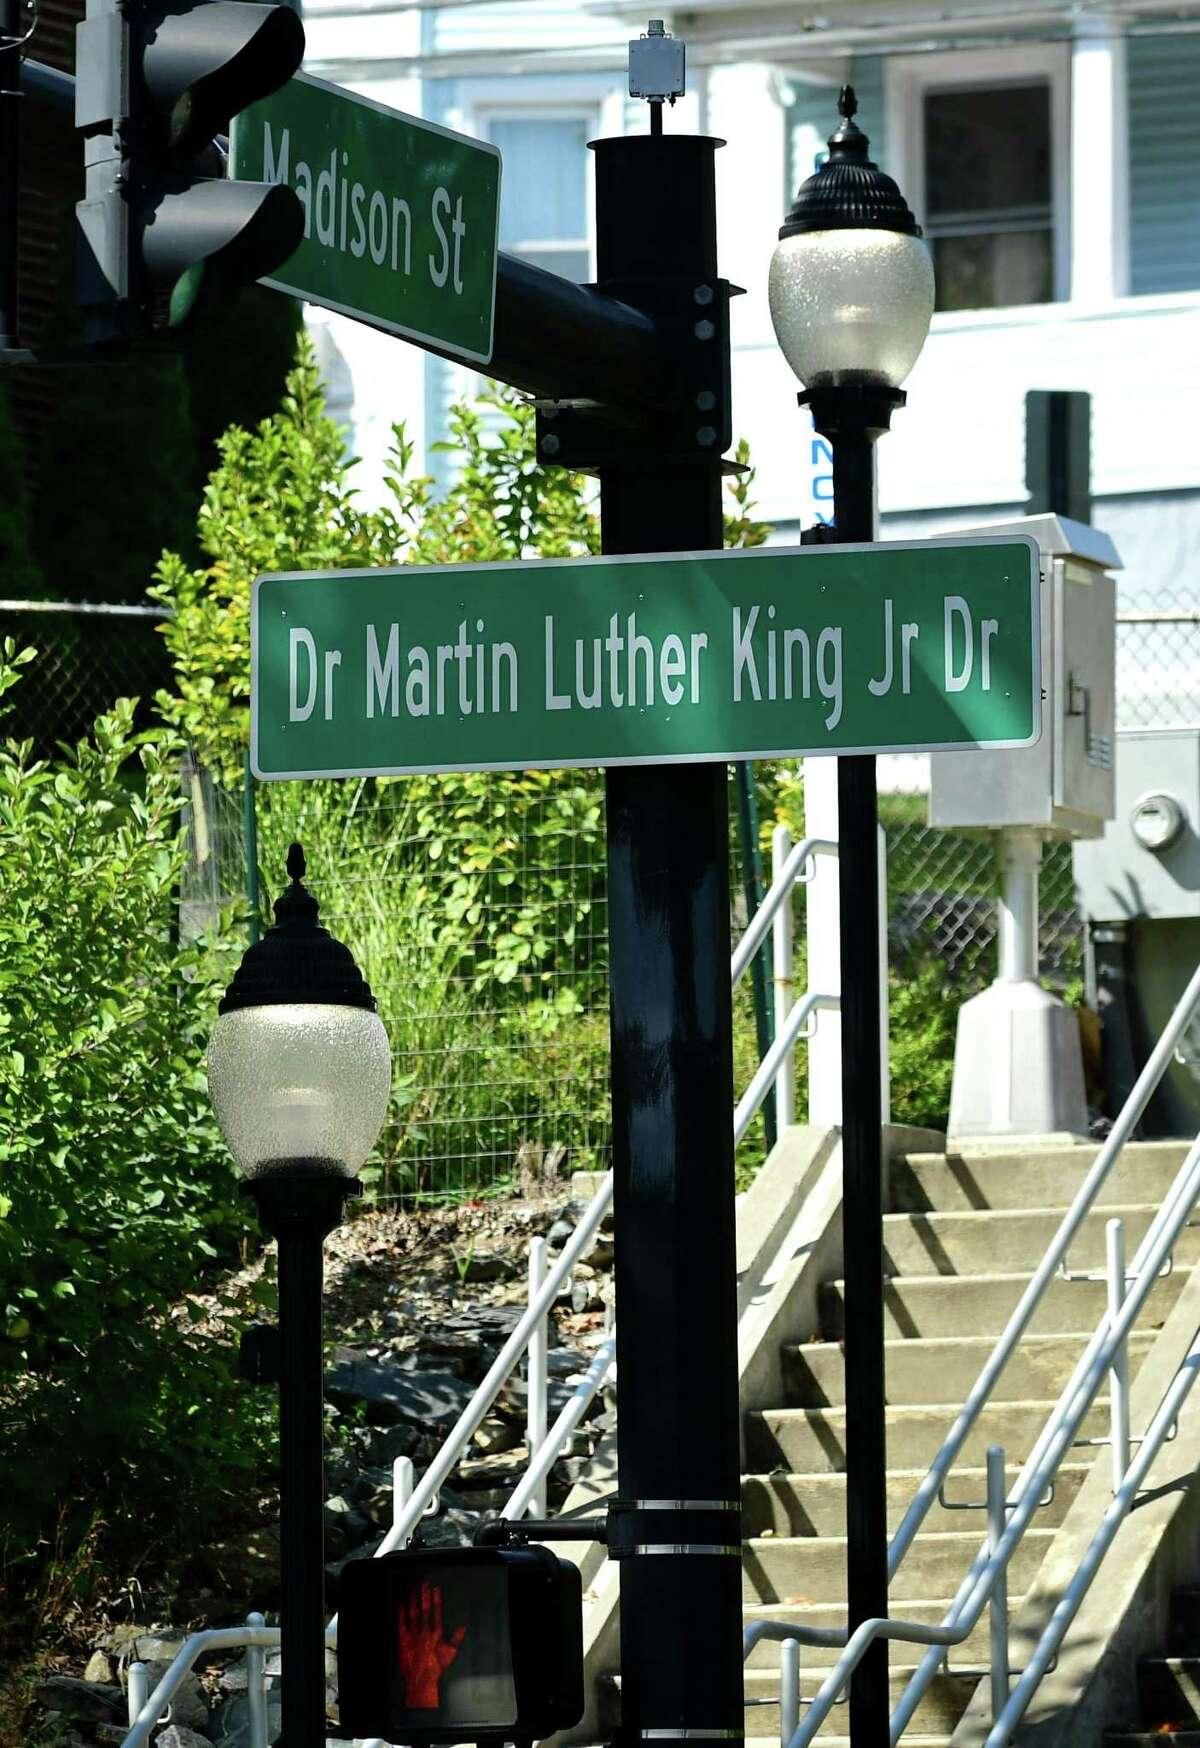 Martin Luther King Jr. Boulevard and Madison Street Thursday, September 26, 2019, in Norwalk, Conn.